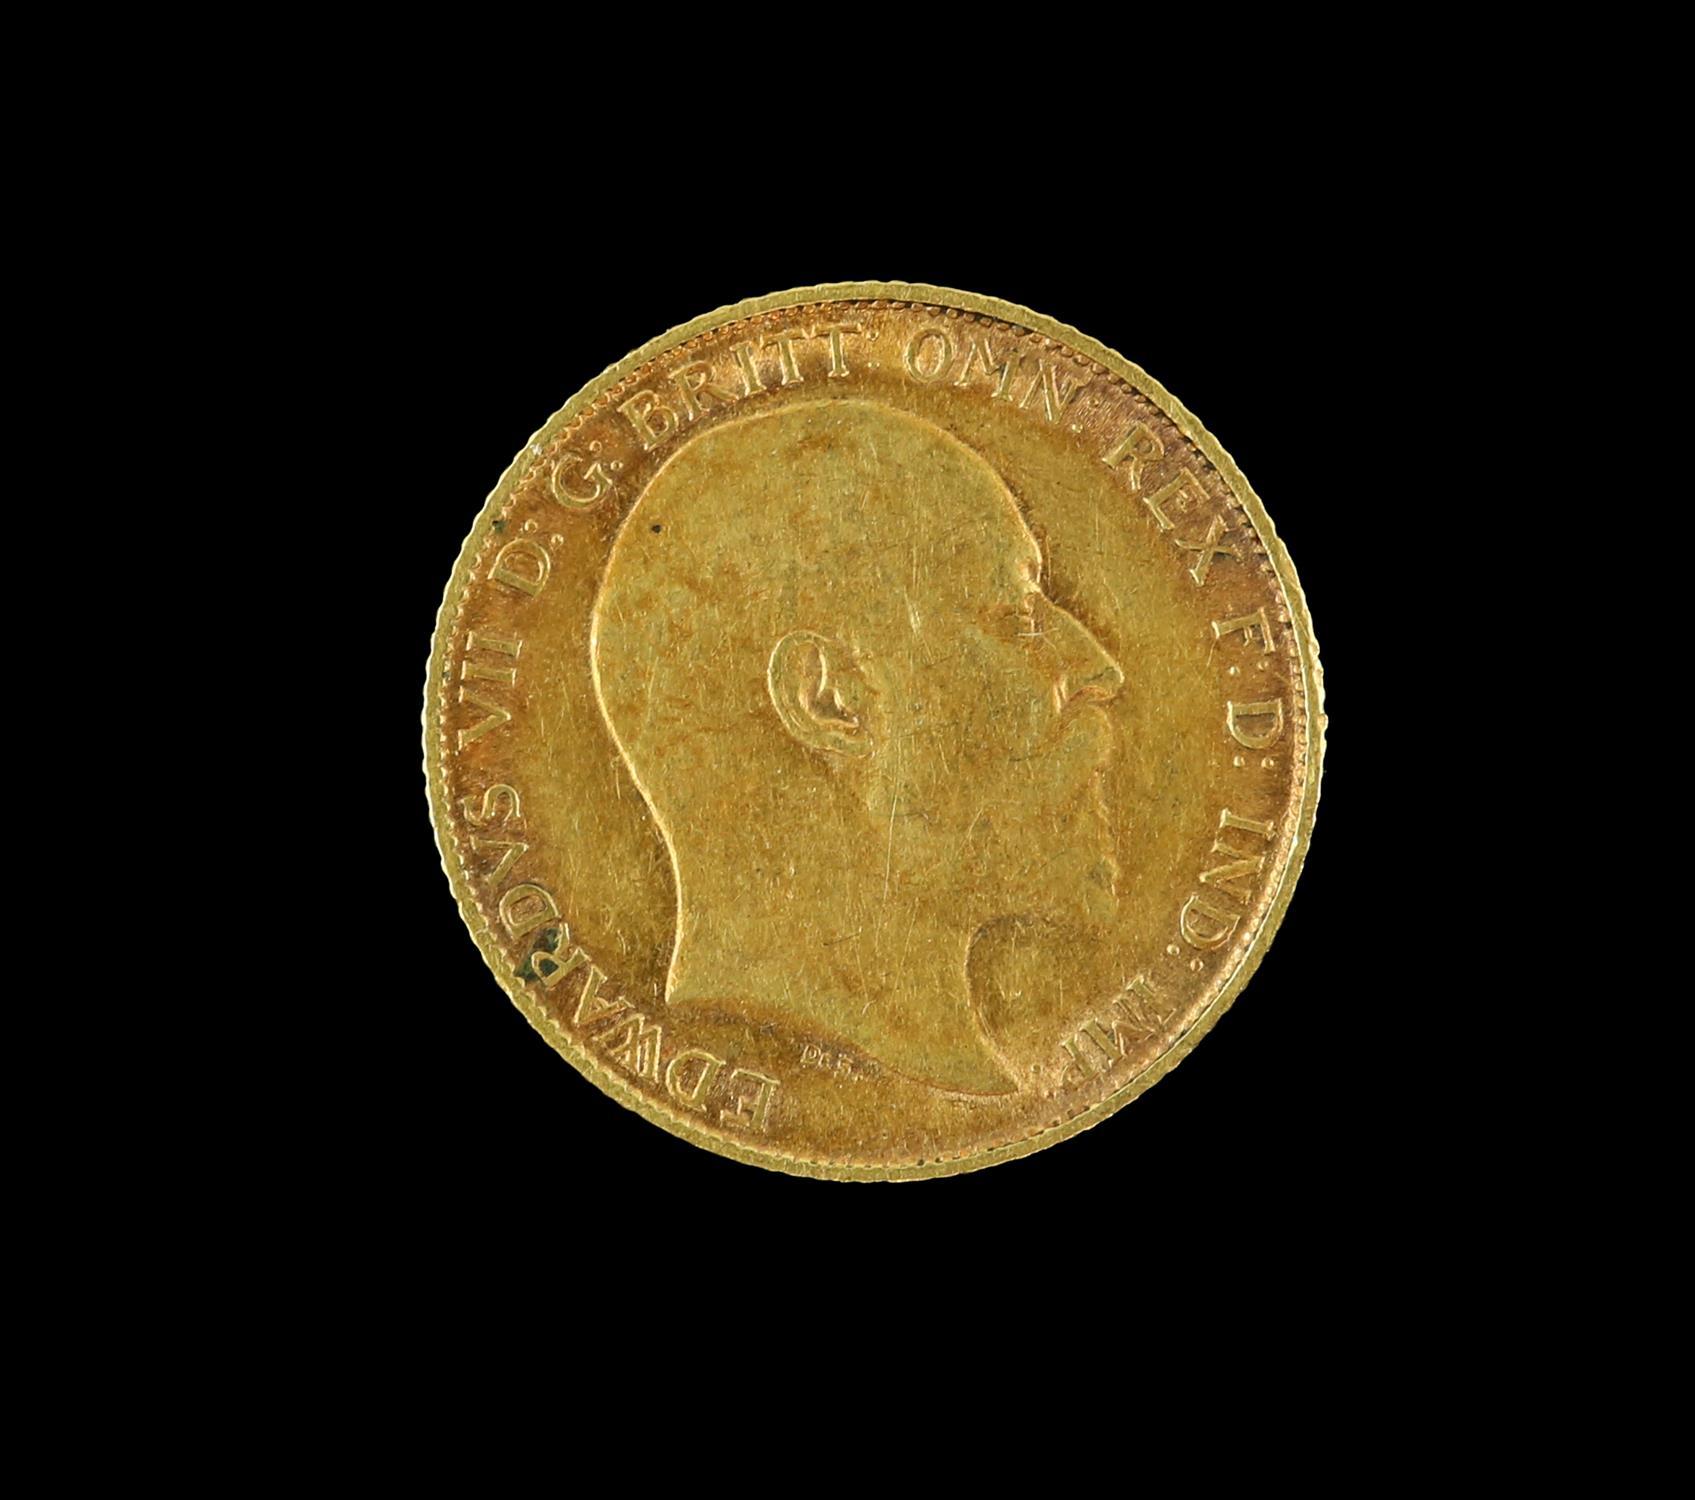 Edward VII gold half sovereign 1906 - Image 2 of 2